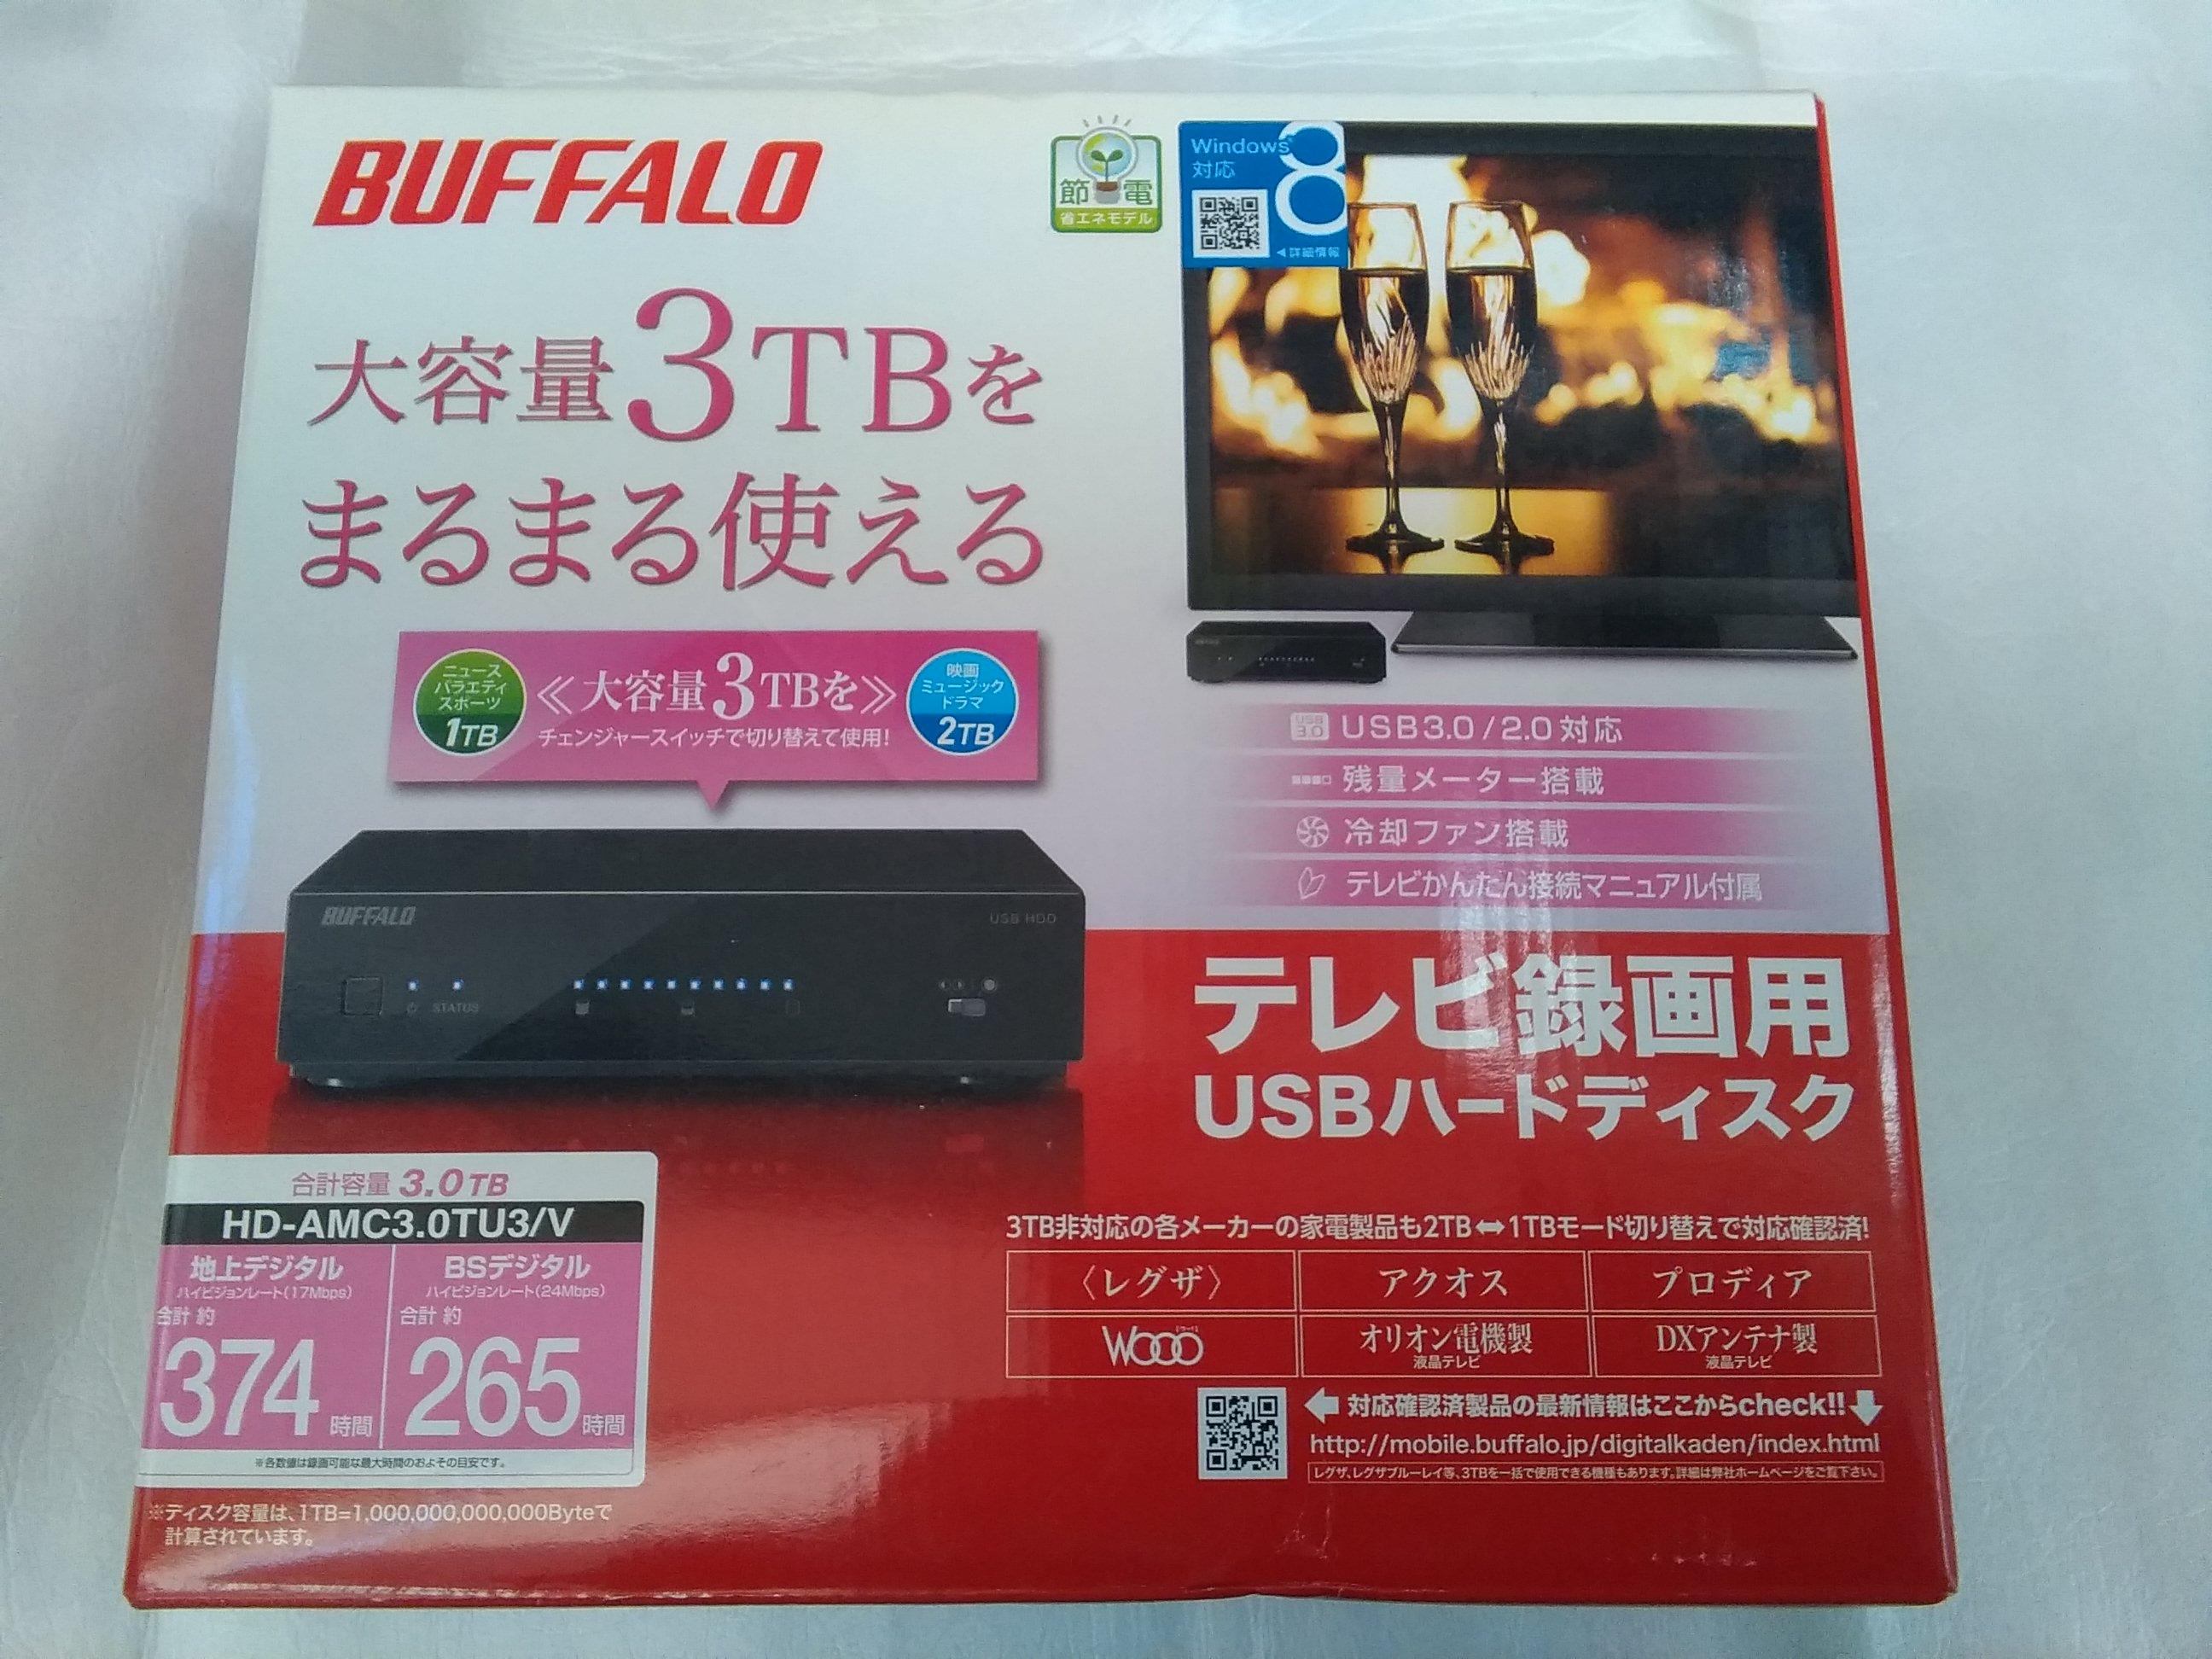 【未開封品】テレビ録画用USBハードディスク《3TB》|BUFFALO